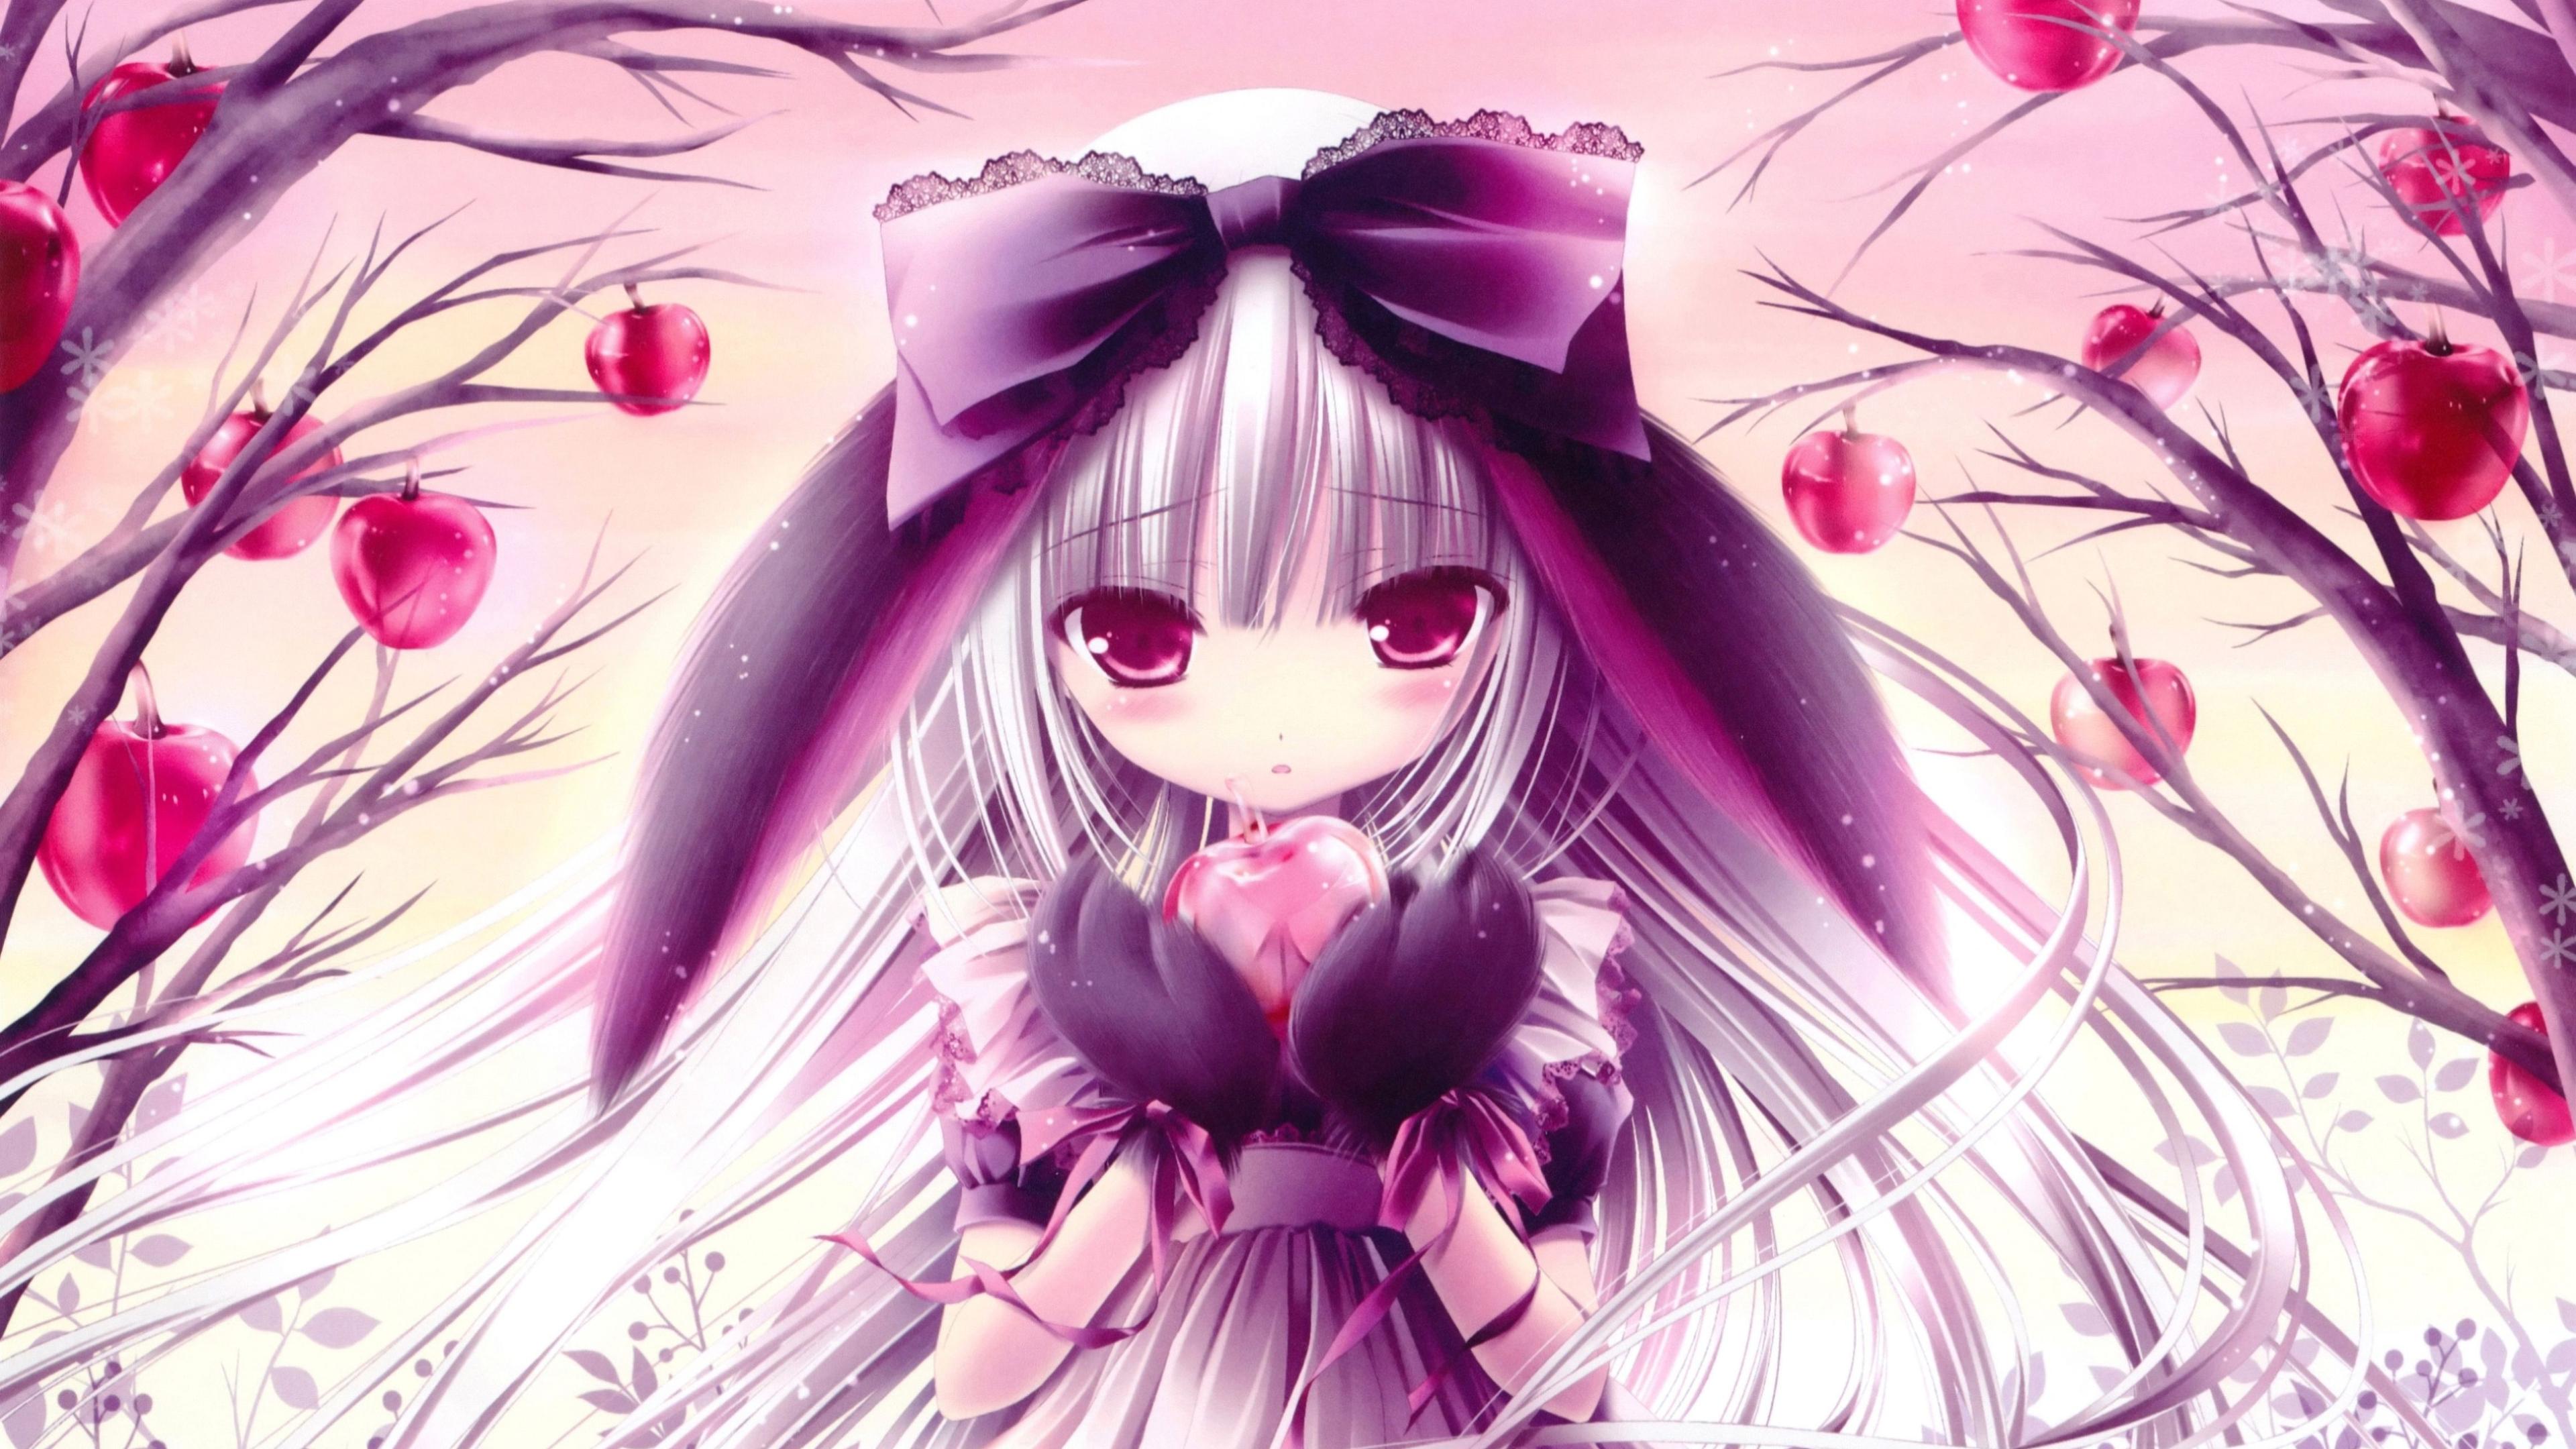 Anime Girl Holding Heart In Hand 4k - Girl Holding Heart In Hand - HD Wallpaper